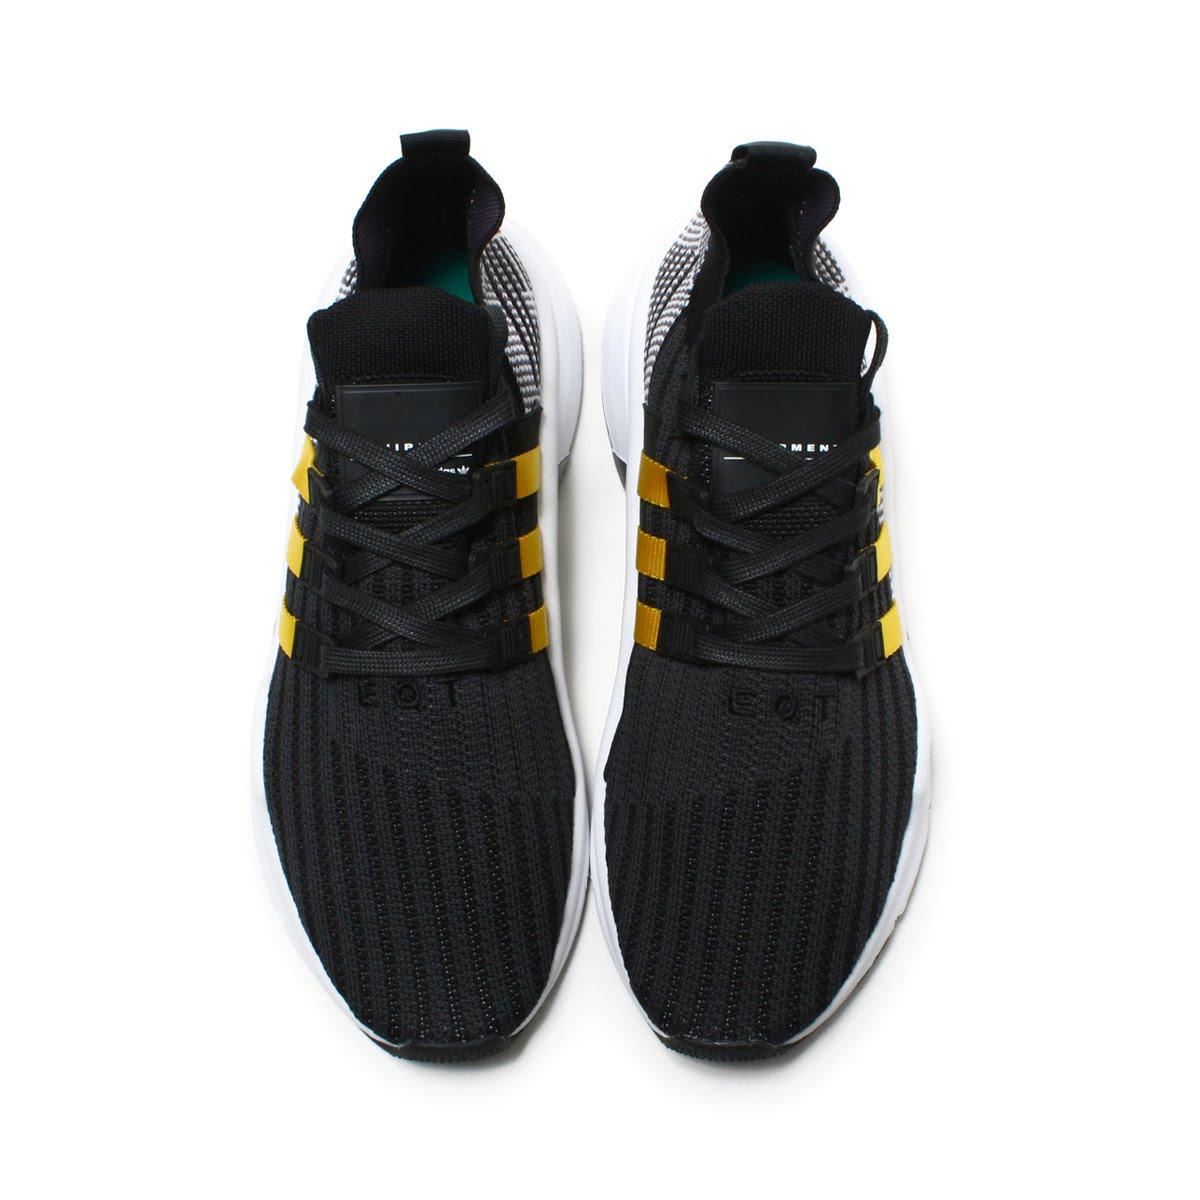 adidas EQT SUPPORT ADV ATMOS Core Black 【メンズ レディース スニーカー】 Core Black/ 18SS-S (アディダス イーキューティー サポート ADV アトモス) Running White/